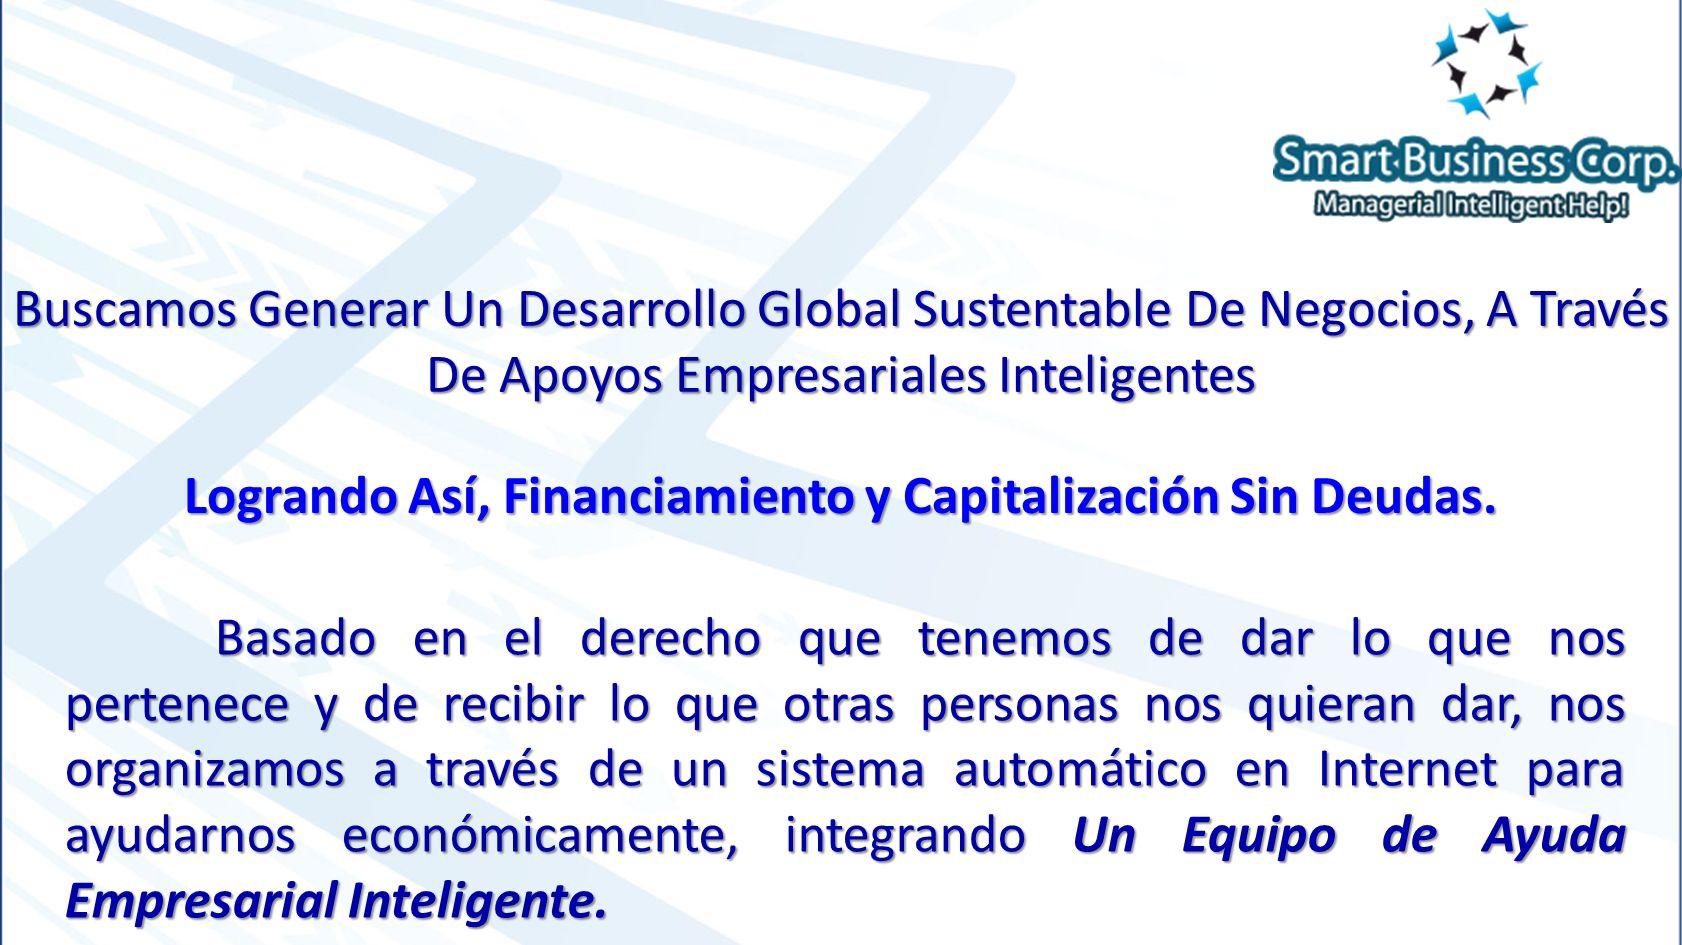 Buscamos Generar Un Desarrollo Global Sustentable De Negocios, A Través De Apoyos Empresariales Inteligentes Logrando Así, Financiamiento y Capitalización Sin Deudas.